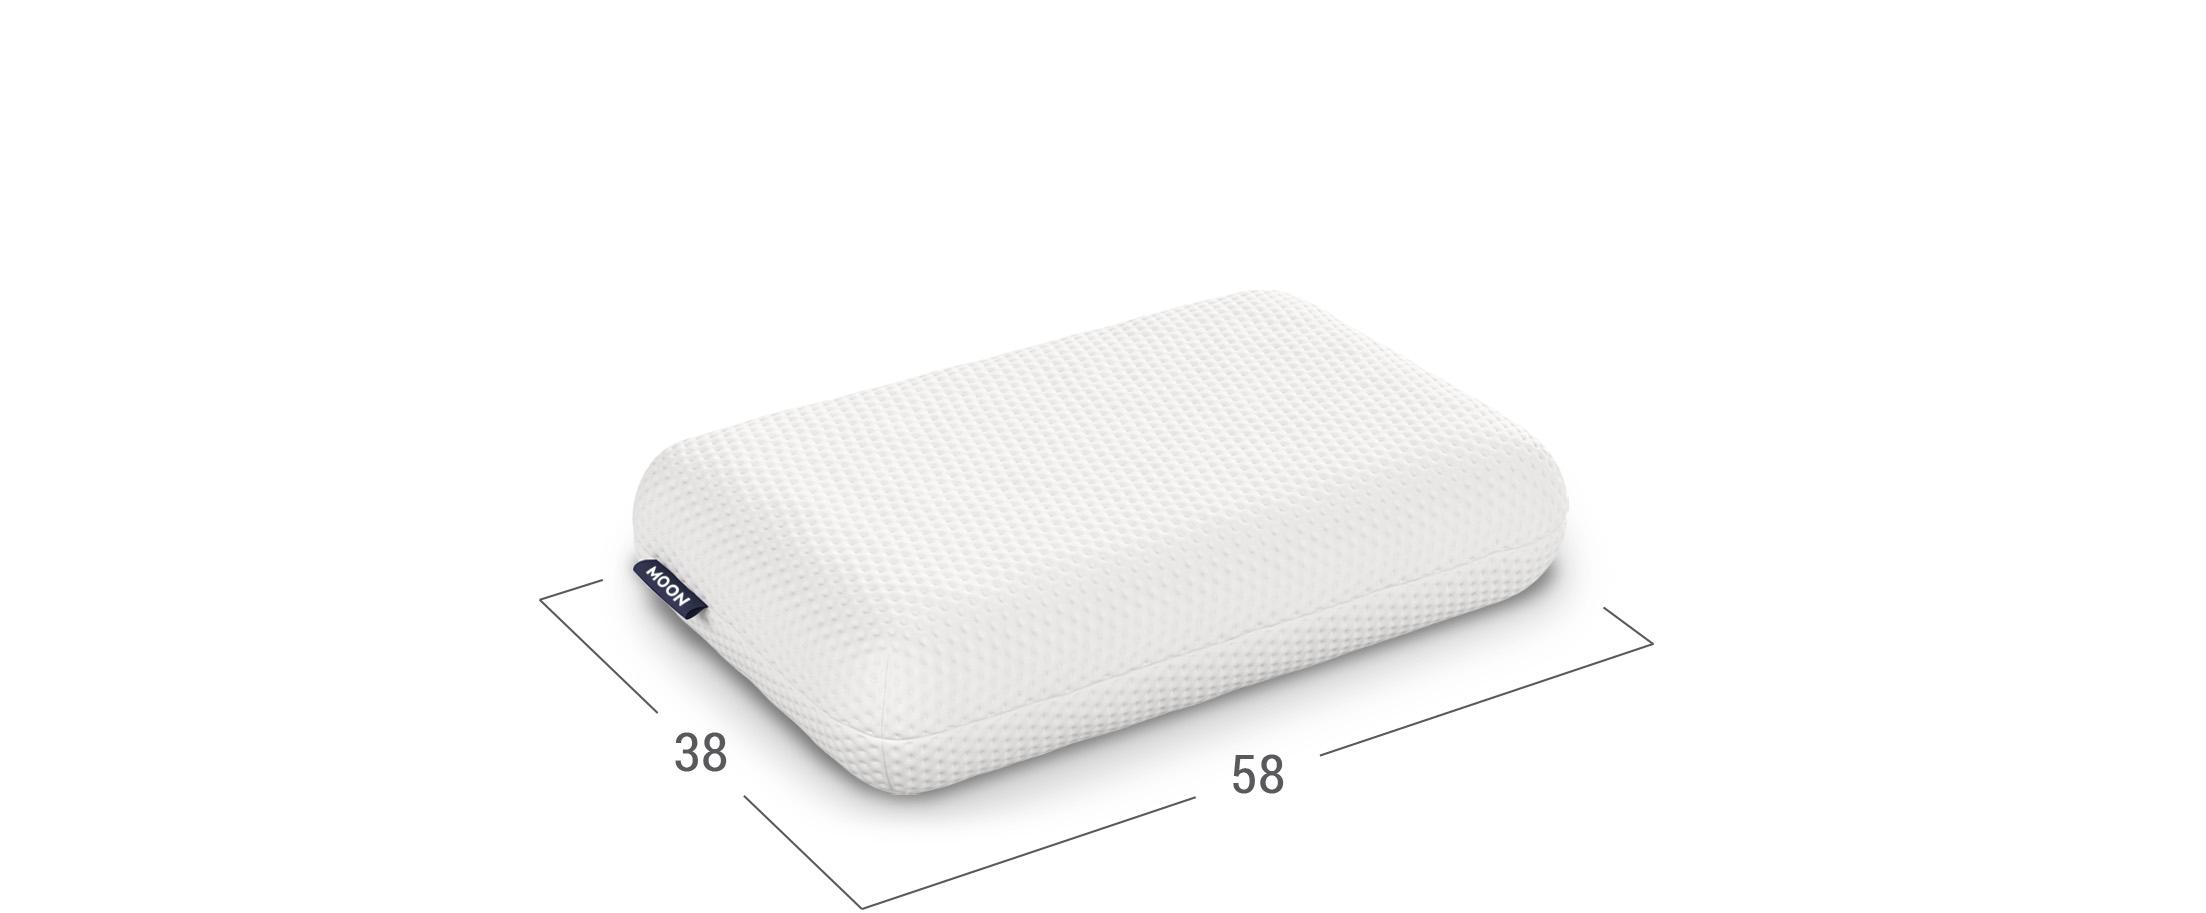 Анатомическая подушка FEEL S Модель 2000